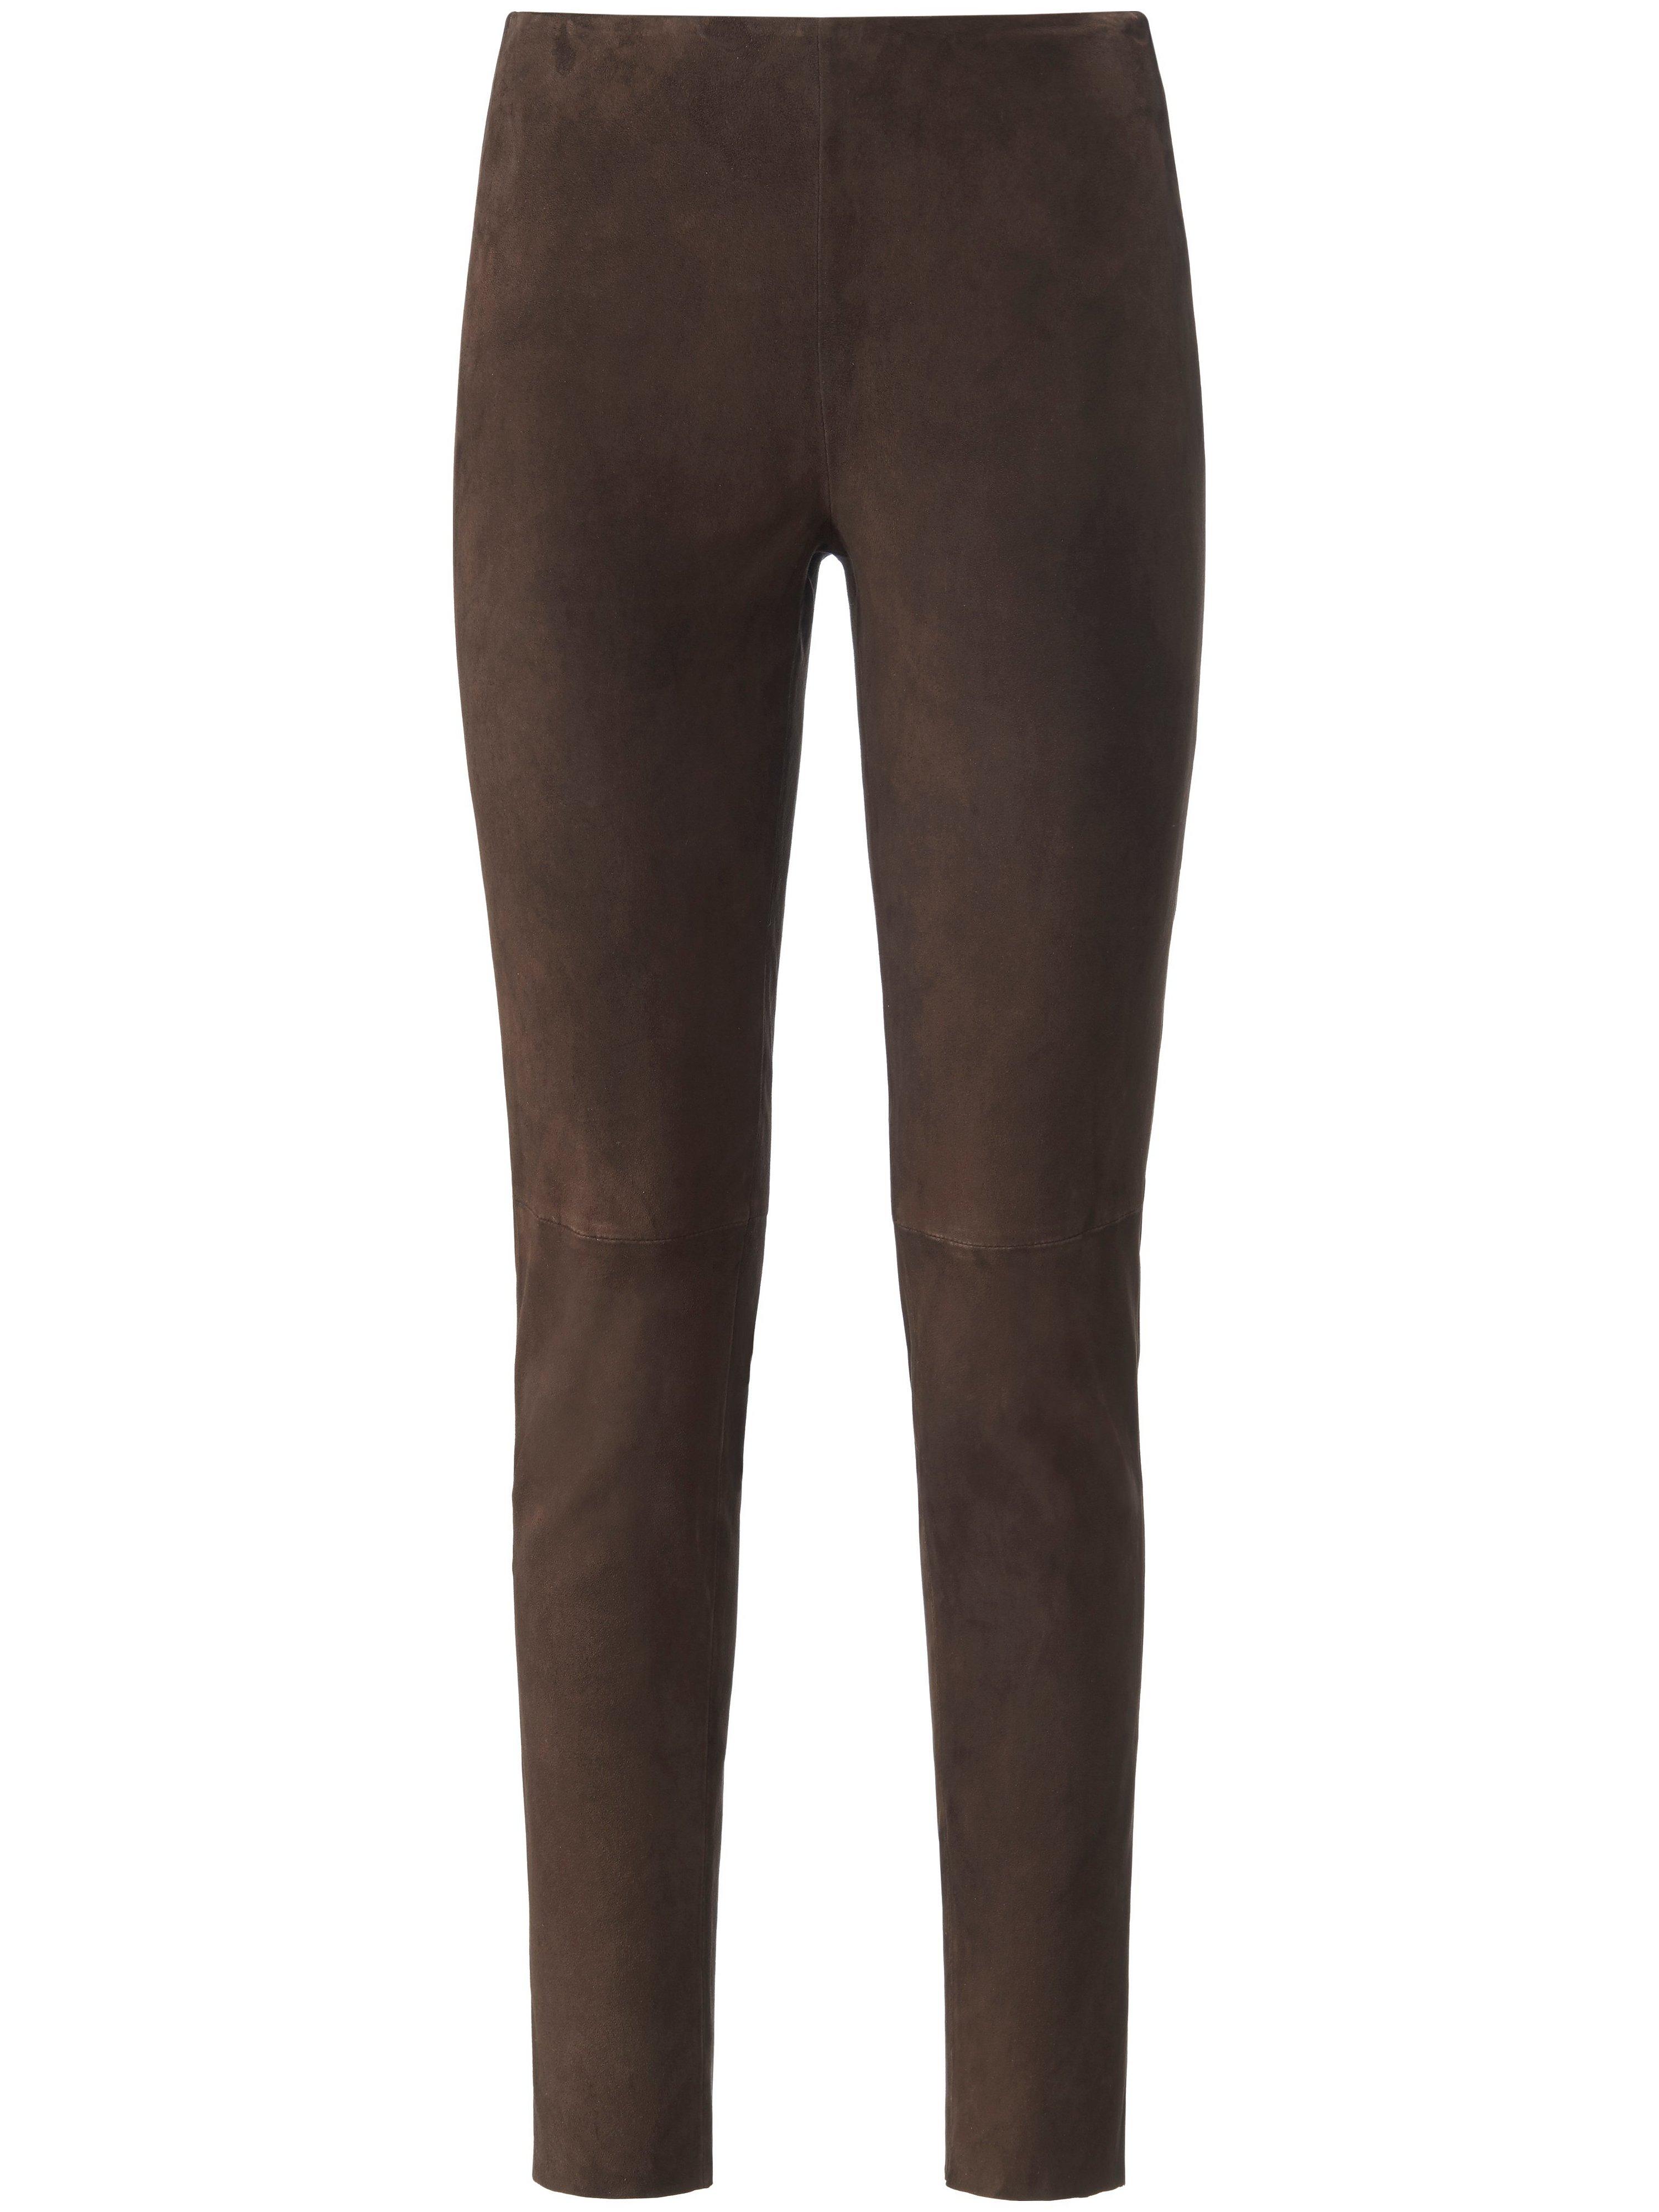 Leren broek fijn suedeleer in extra smal model Van portray berlin bruin